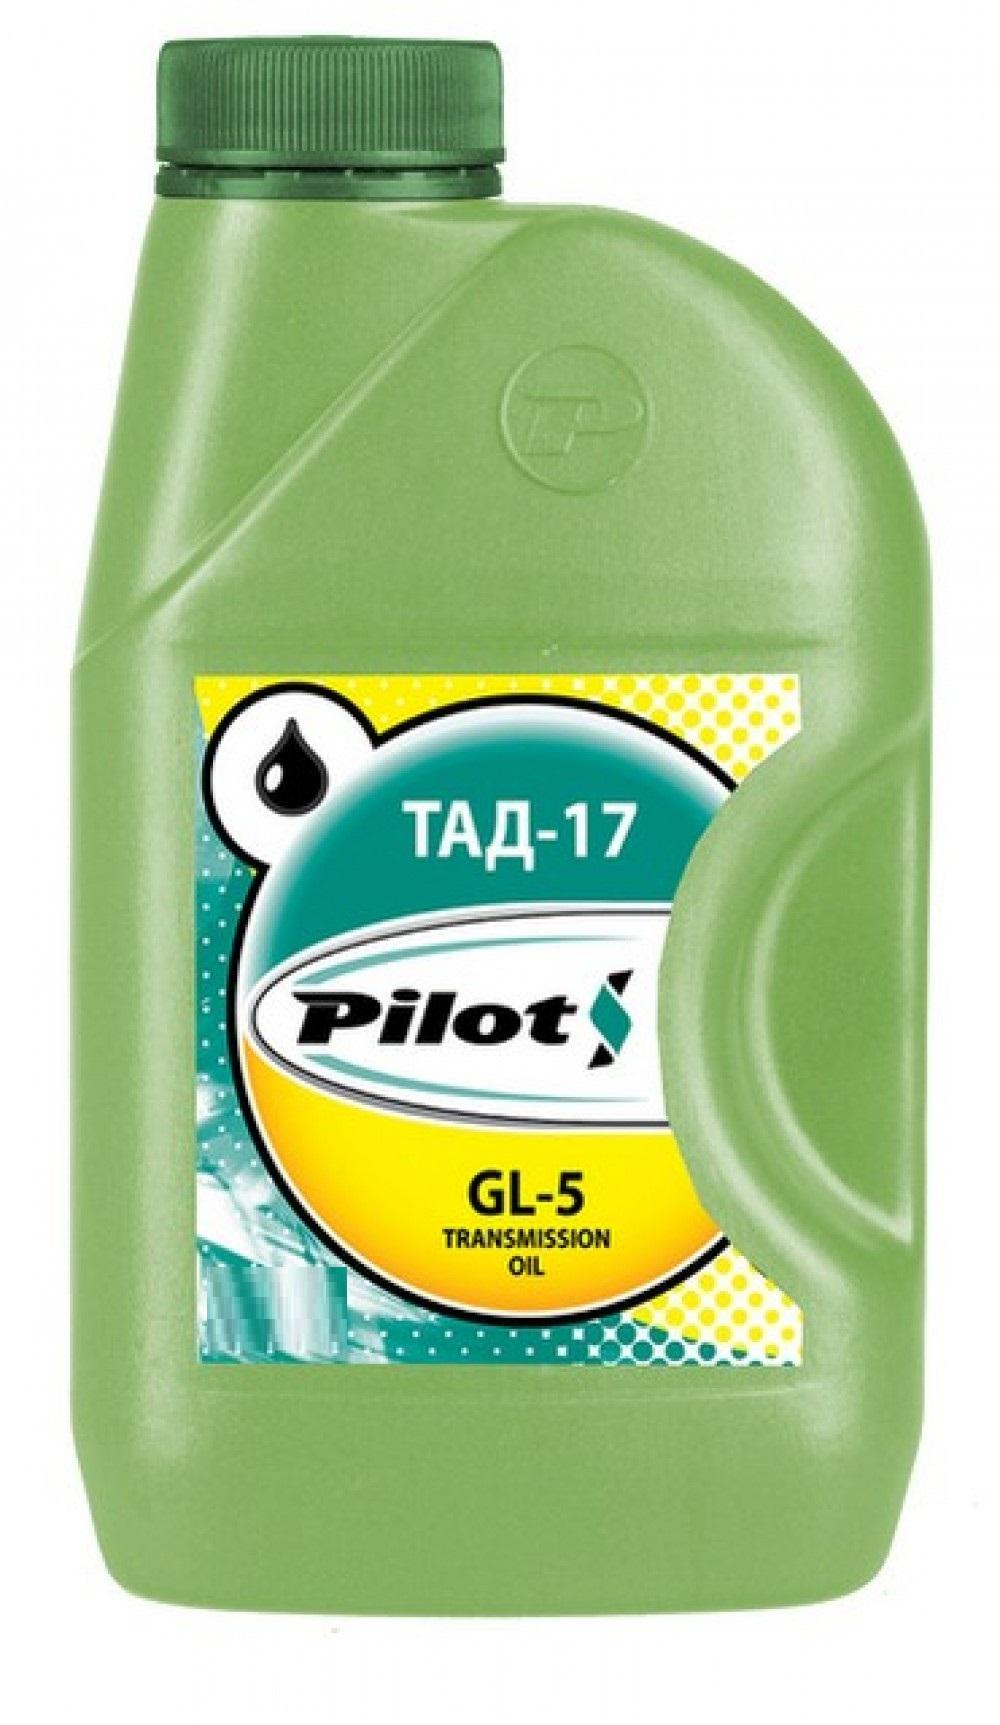 РILOT ТАД-17 (ТМ5-18), 80w90 GL-5 масло трансмиссионное, минеральное, 3л , г.Пермь